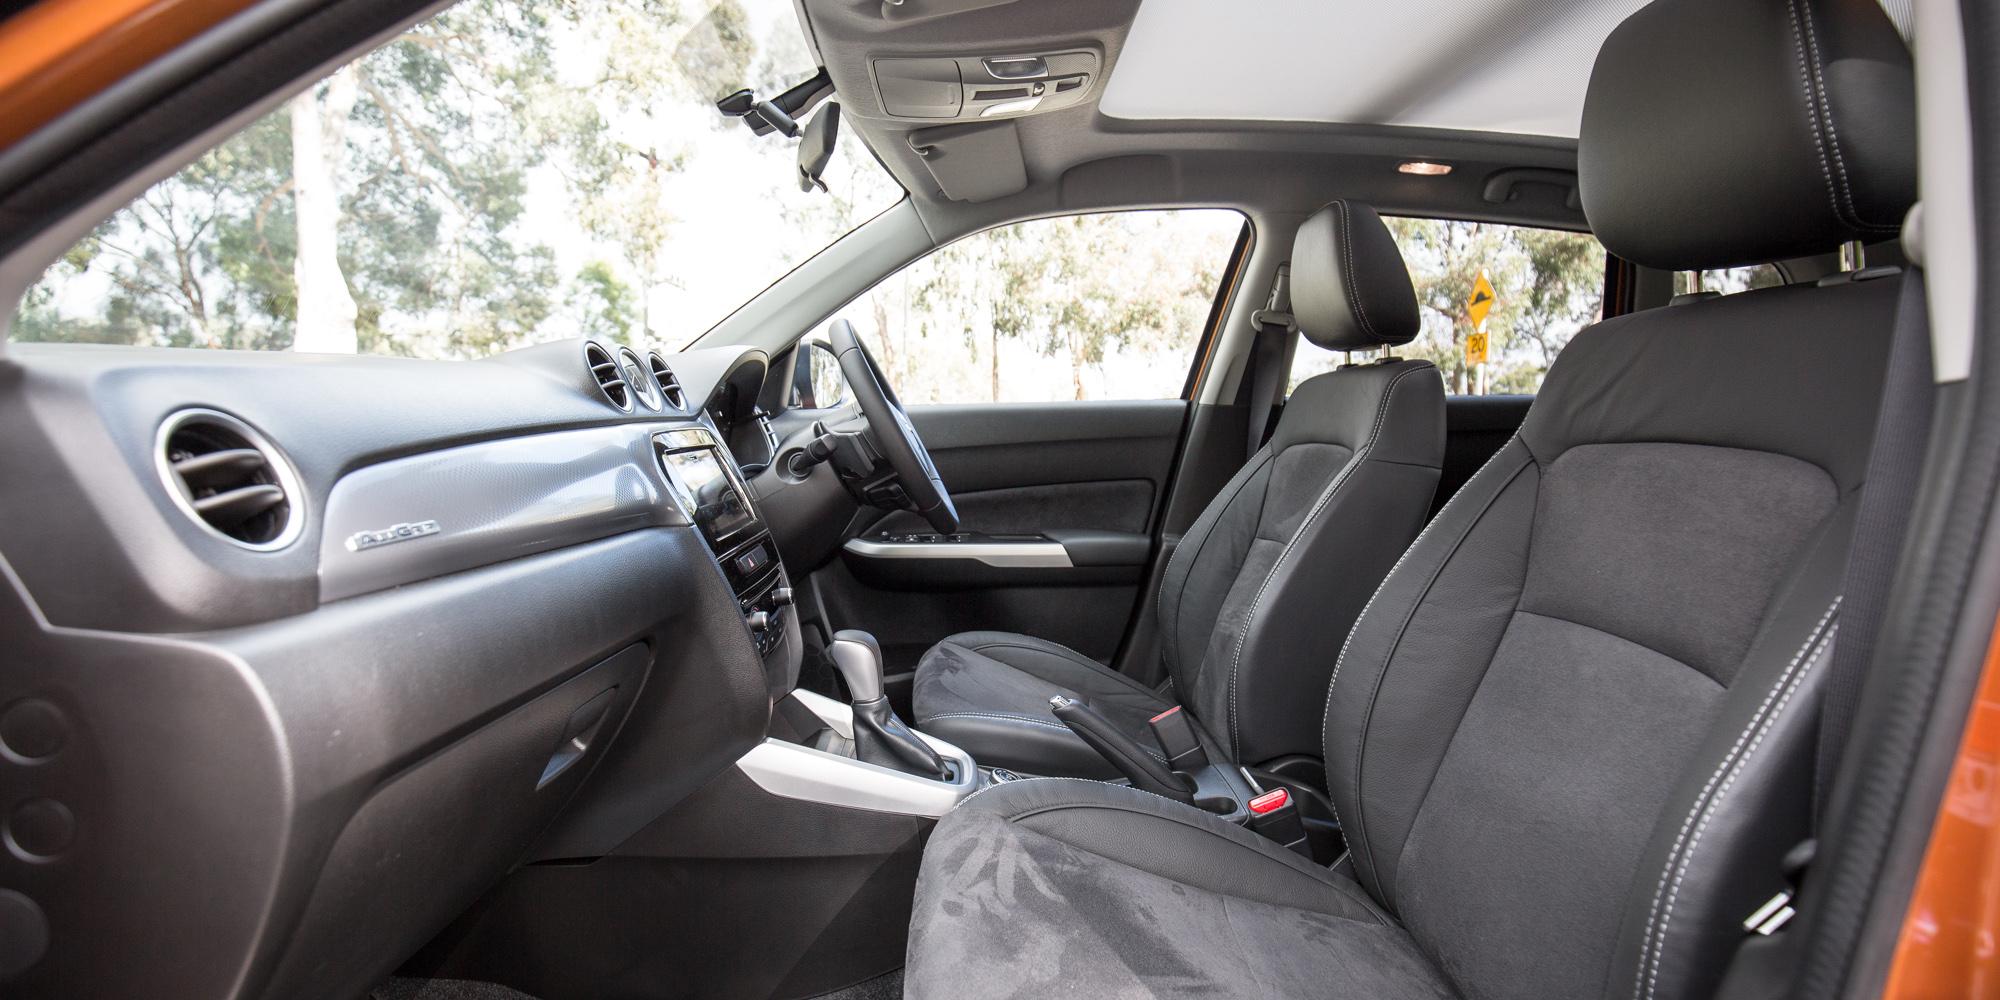 Suzuki Grand Vitara 2016 7 lý do bạn nên sở hữu chiếc SUV này